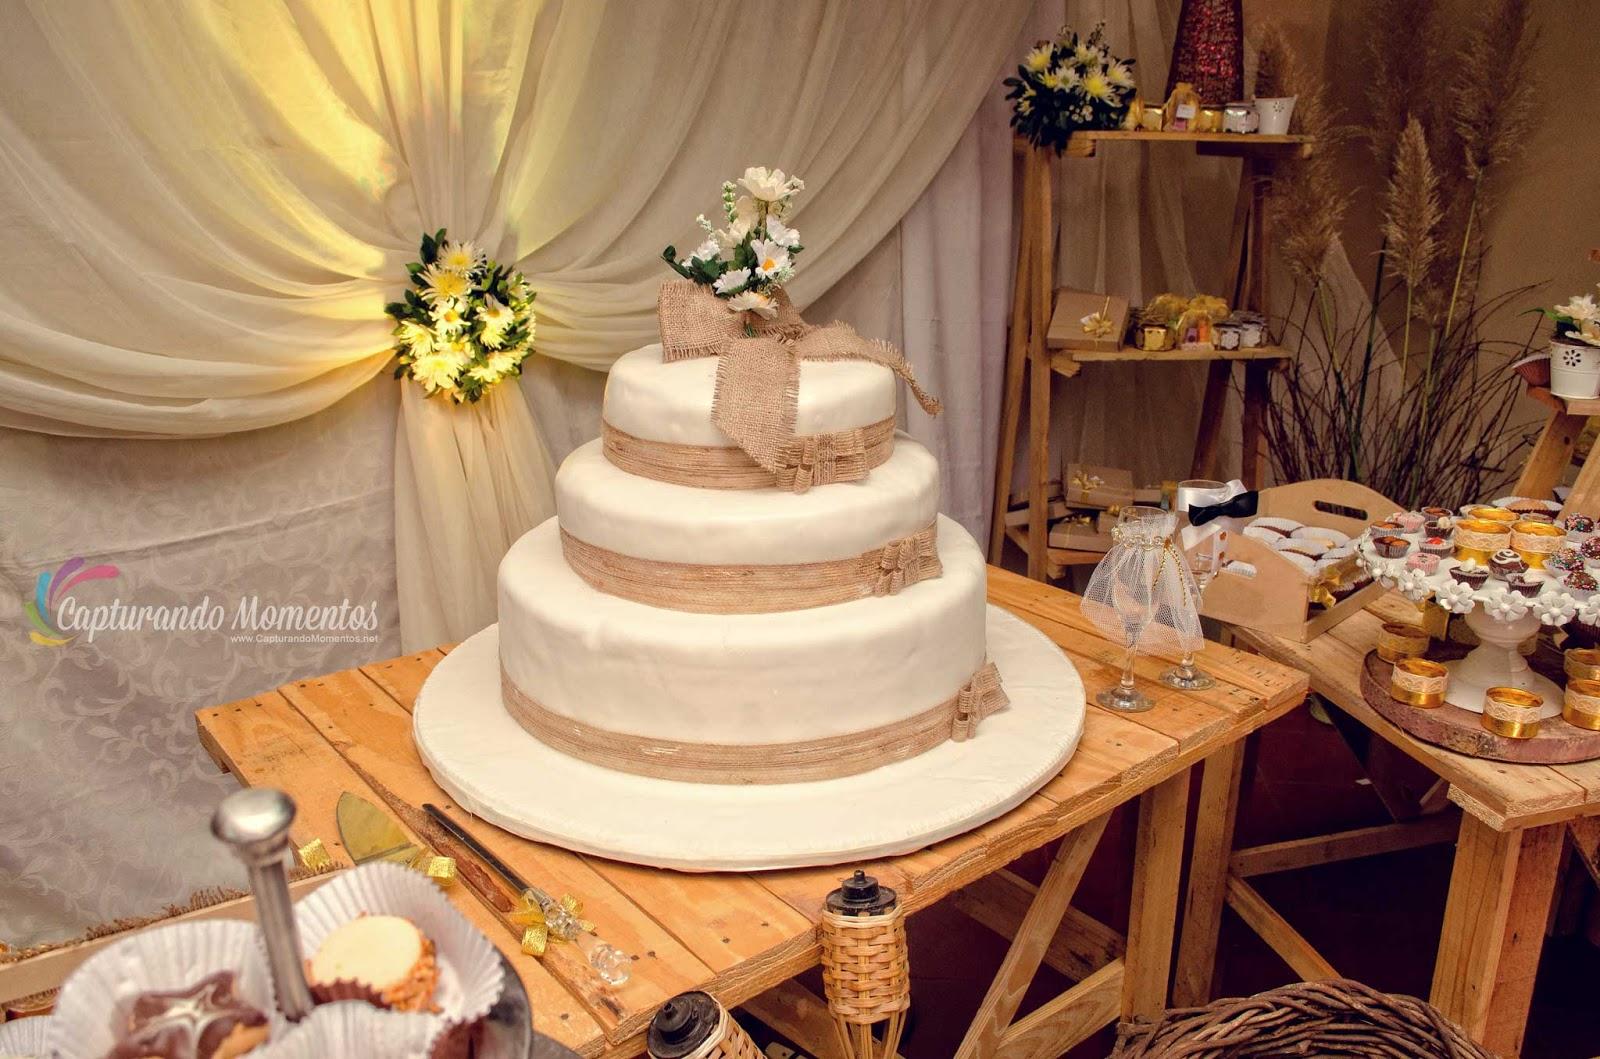 Torta Matrimonio Rustico : Torta en rustica capturando momentos